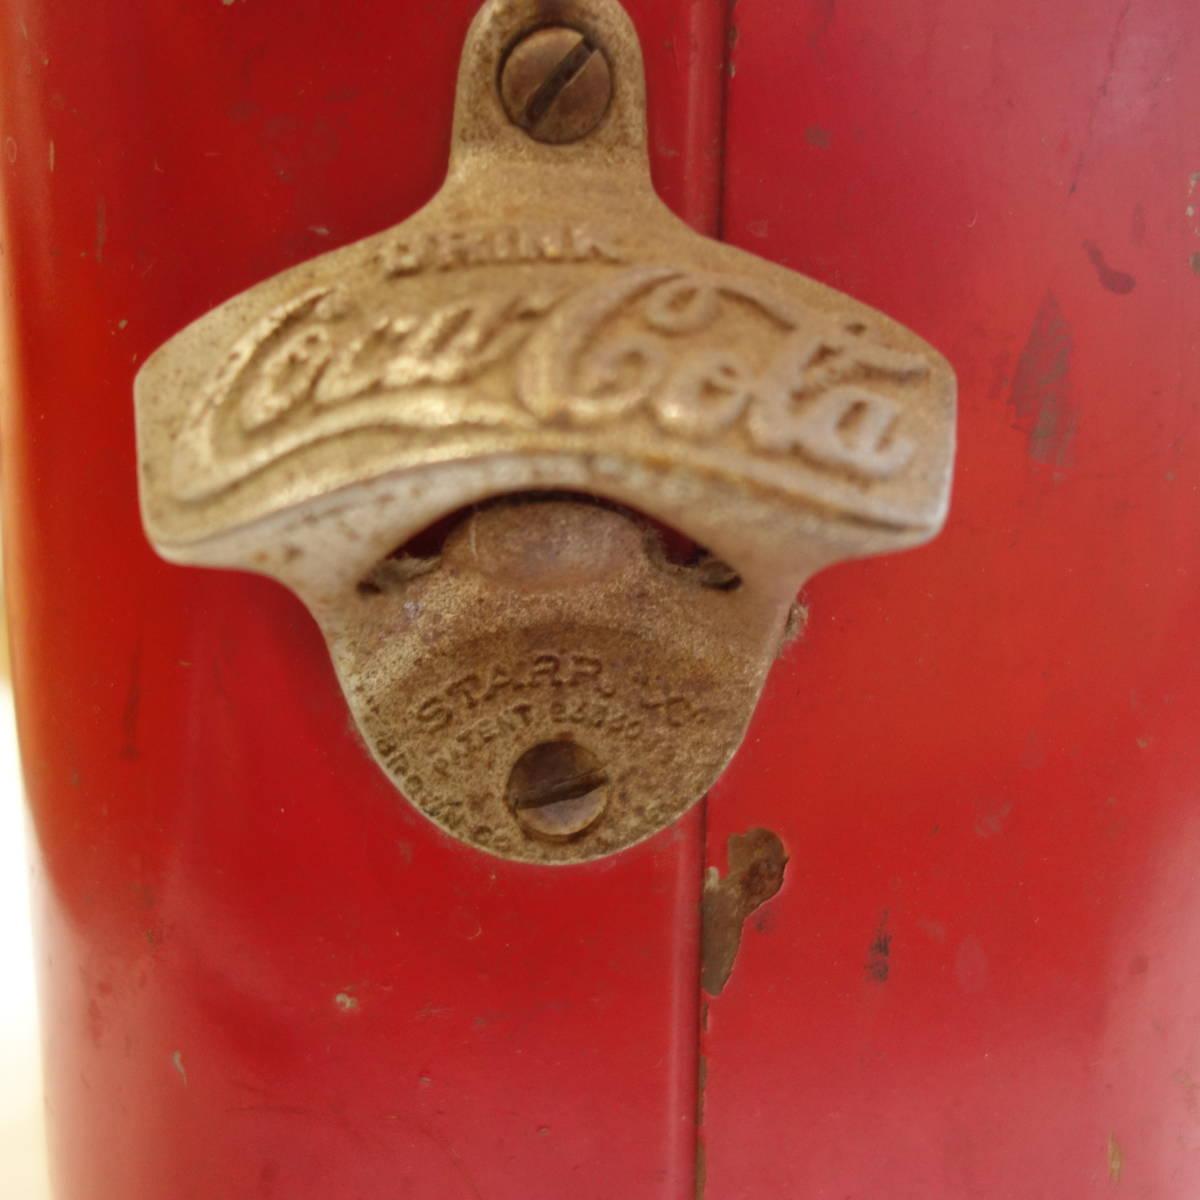 超希少 1940~50's ヴィンテージ Coca-Cola Airline Cooler_画像6